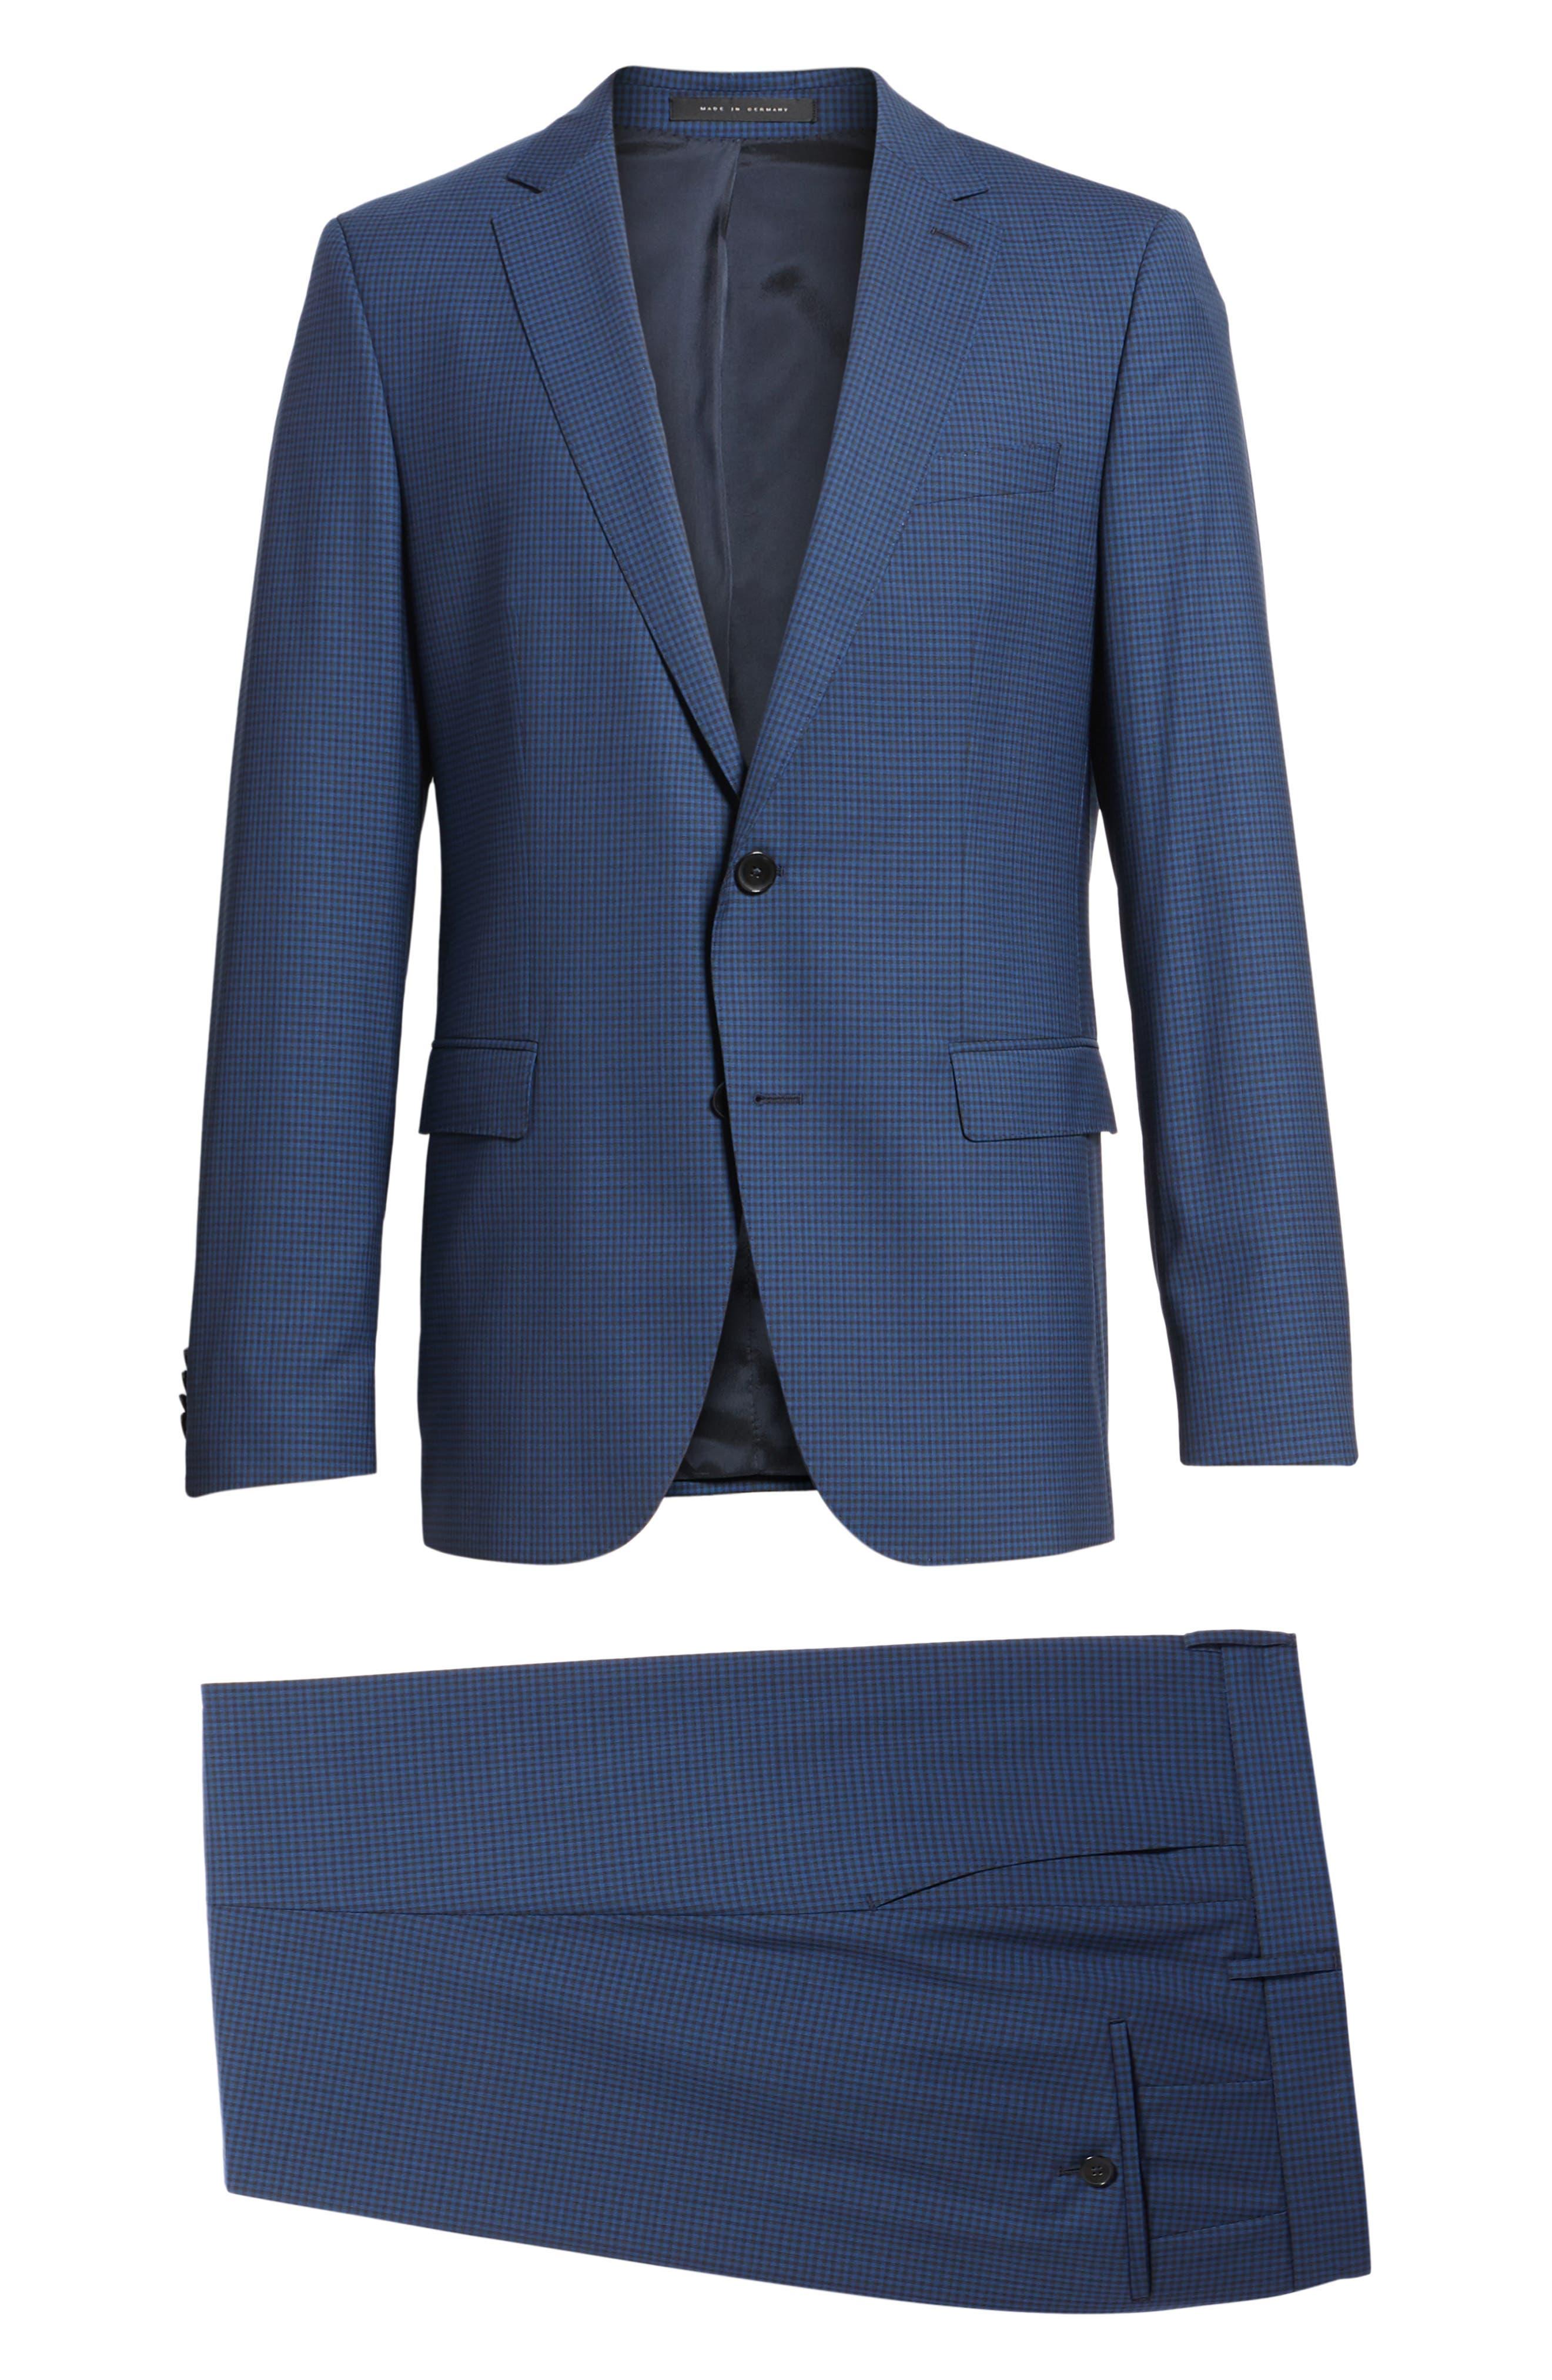 Novan/Ben Trim Fit Check Wool Suit,                             Alternate thumbnail 8, color,                             Dark Blue